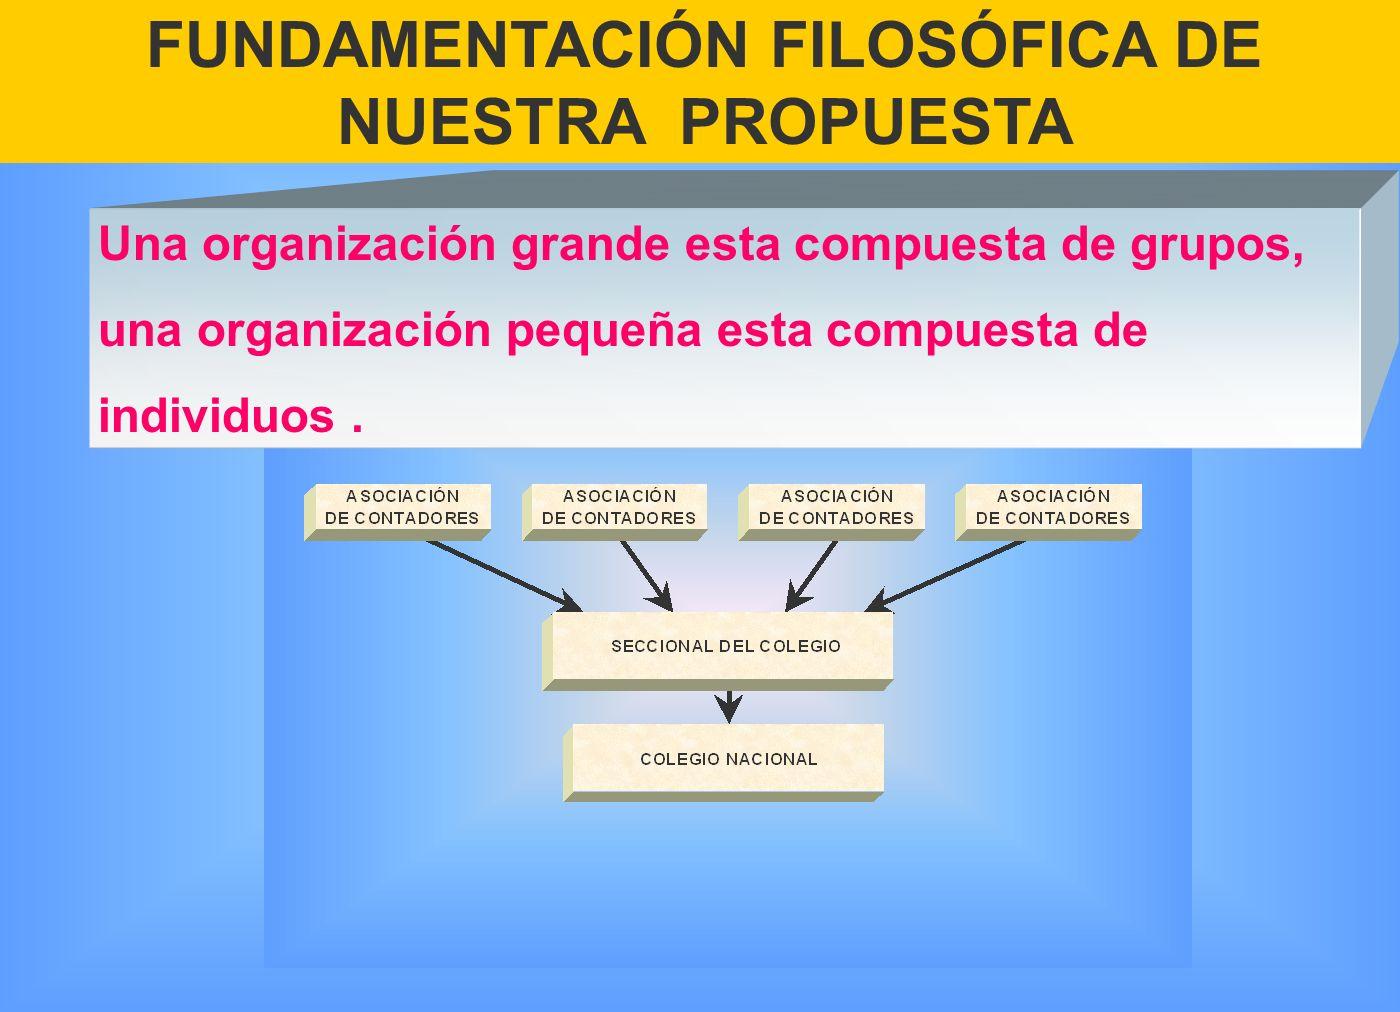 FUNDAMENTACIÓN FILOSÓFICA DE NUESTRA PROPUESTA